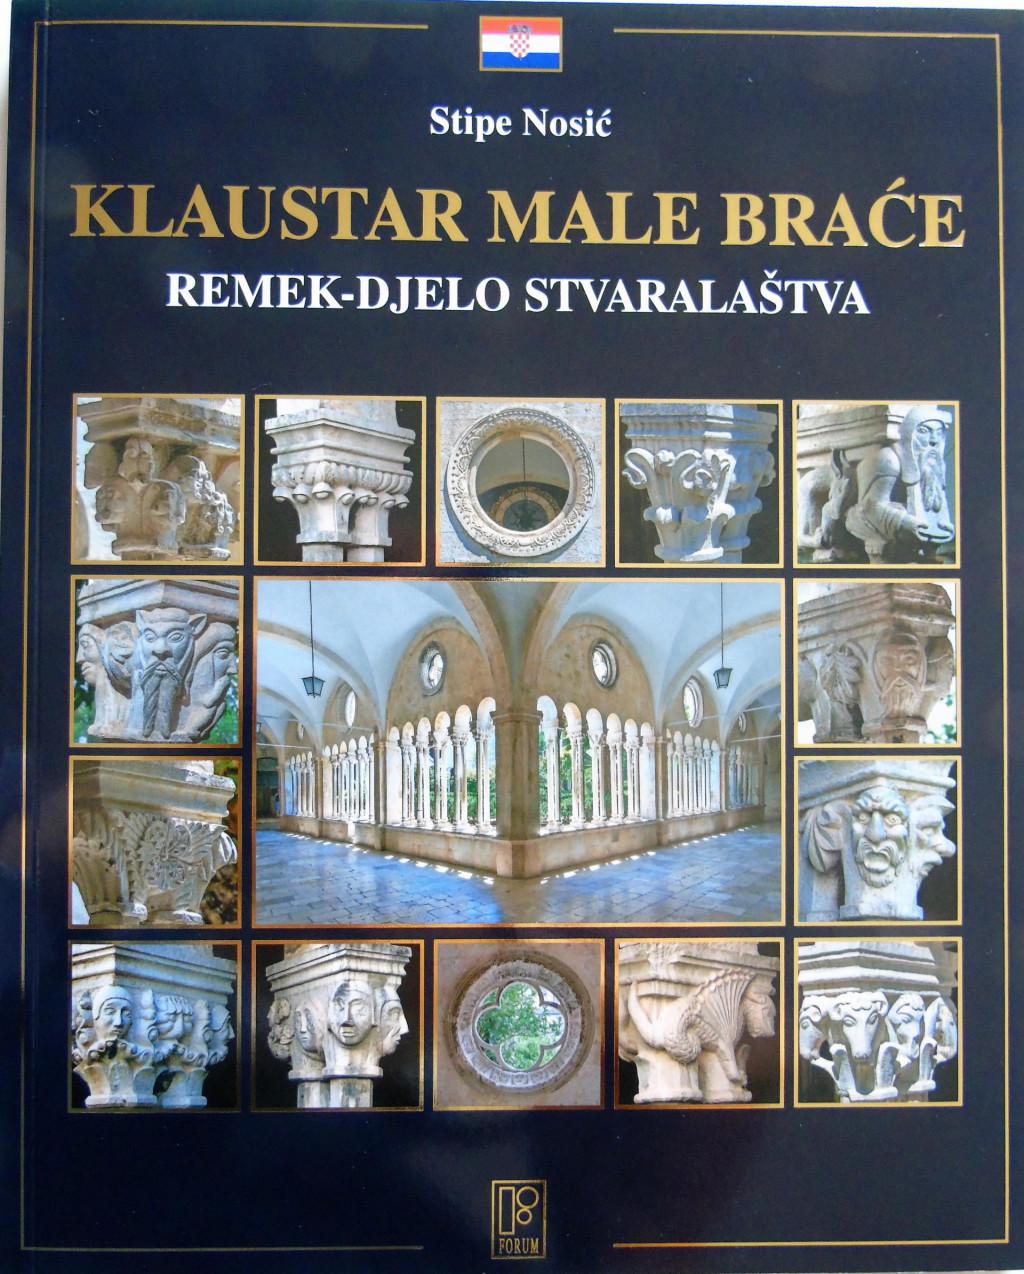 Knjiga o dubrovačkom klaustru Male braće